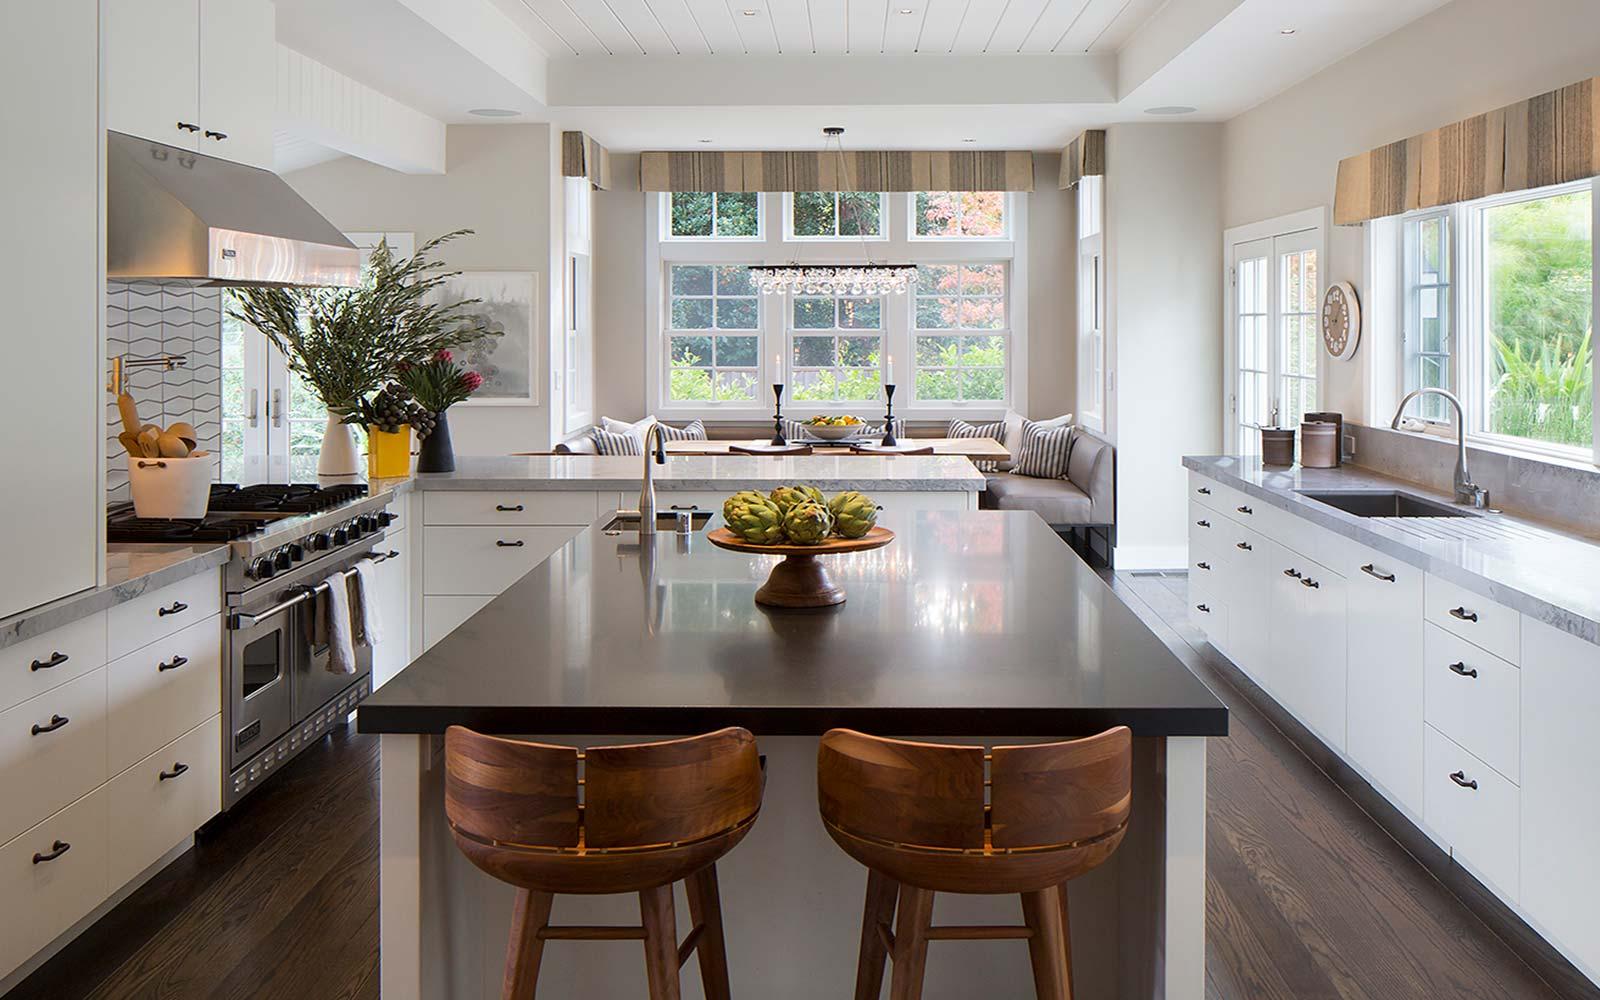 Mid Century Modern Interior Designer, High End Kitchen Remodel.